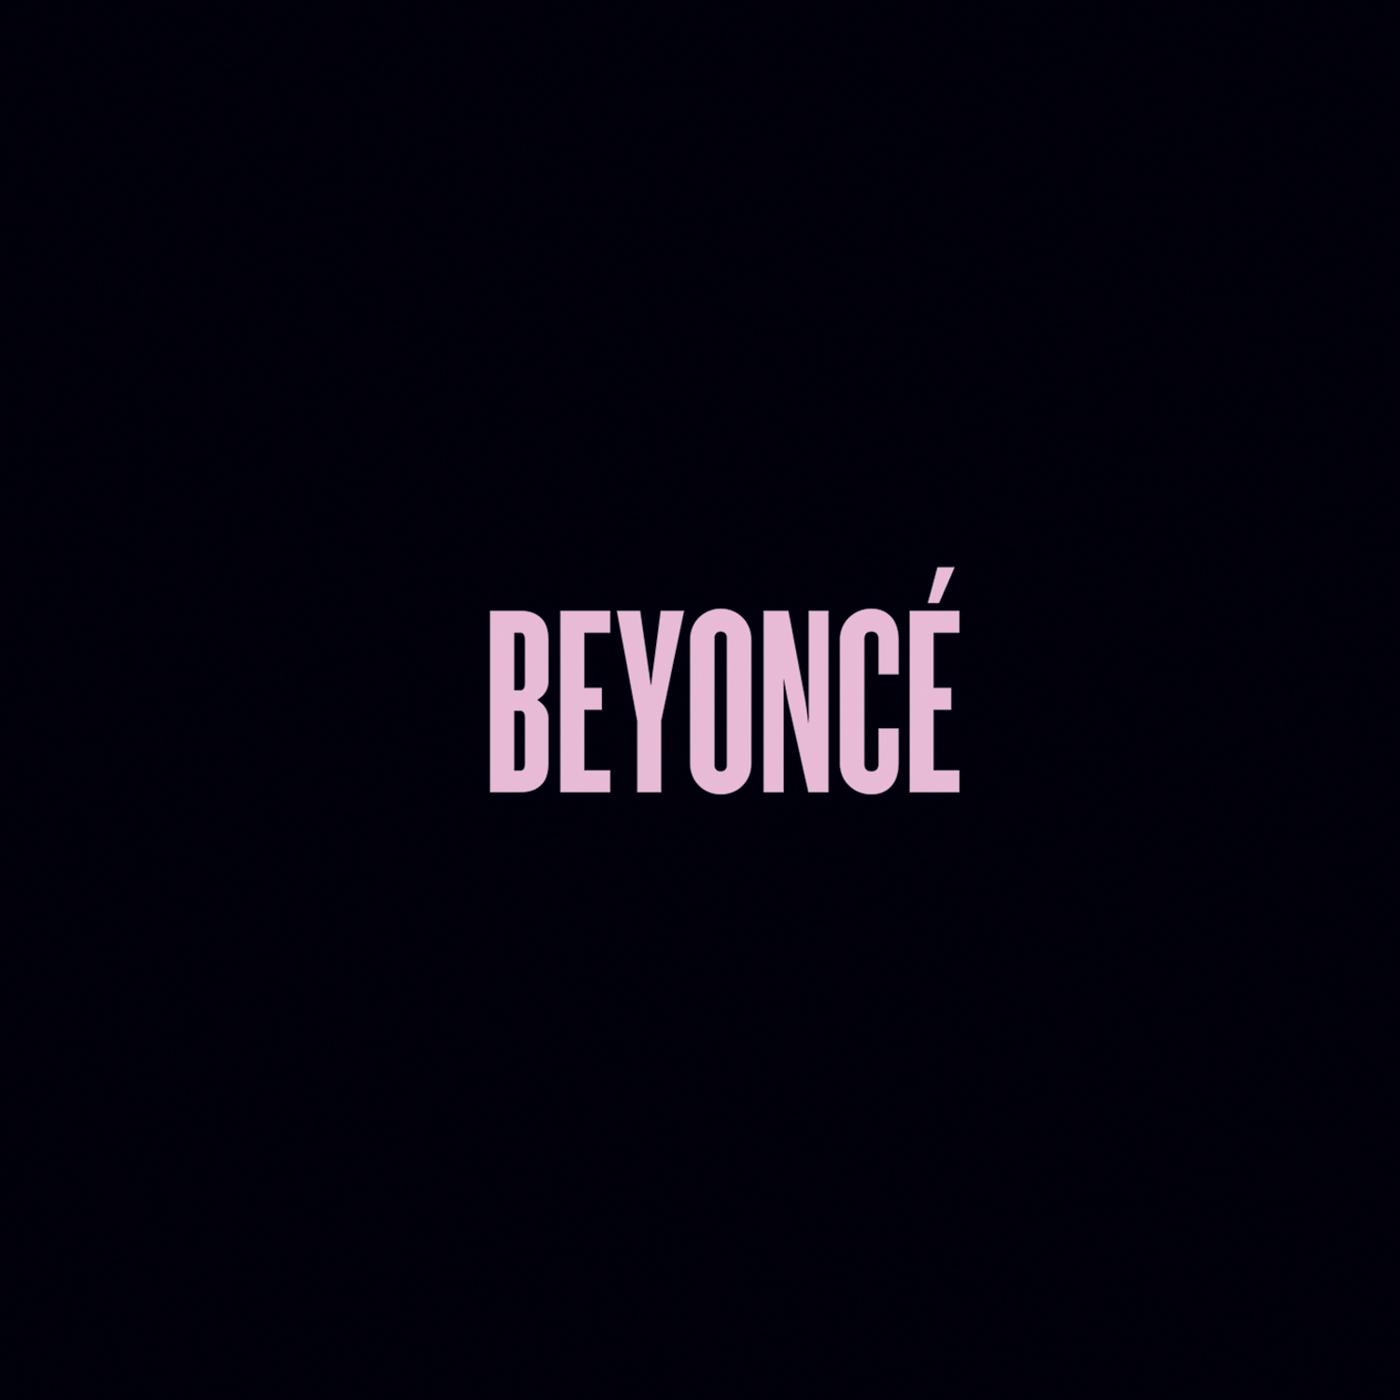 Beyoncé – BEYONCÉ – album review | LUDDITE STEREO